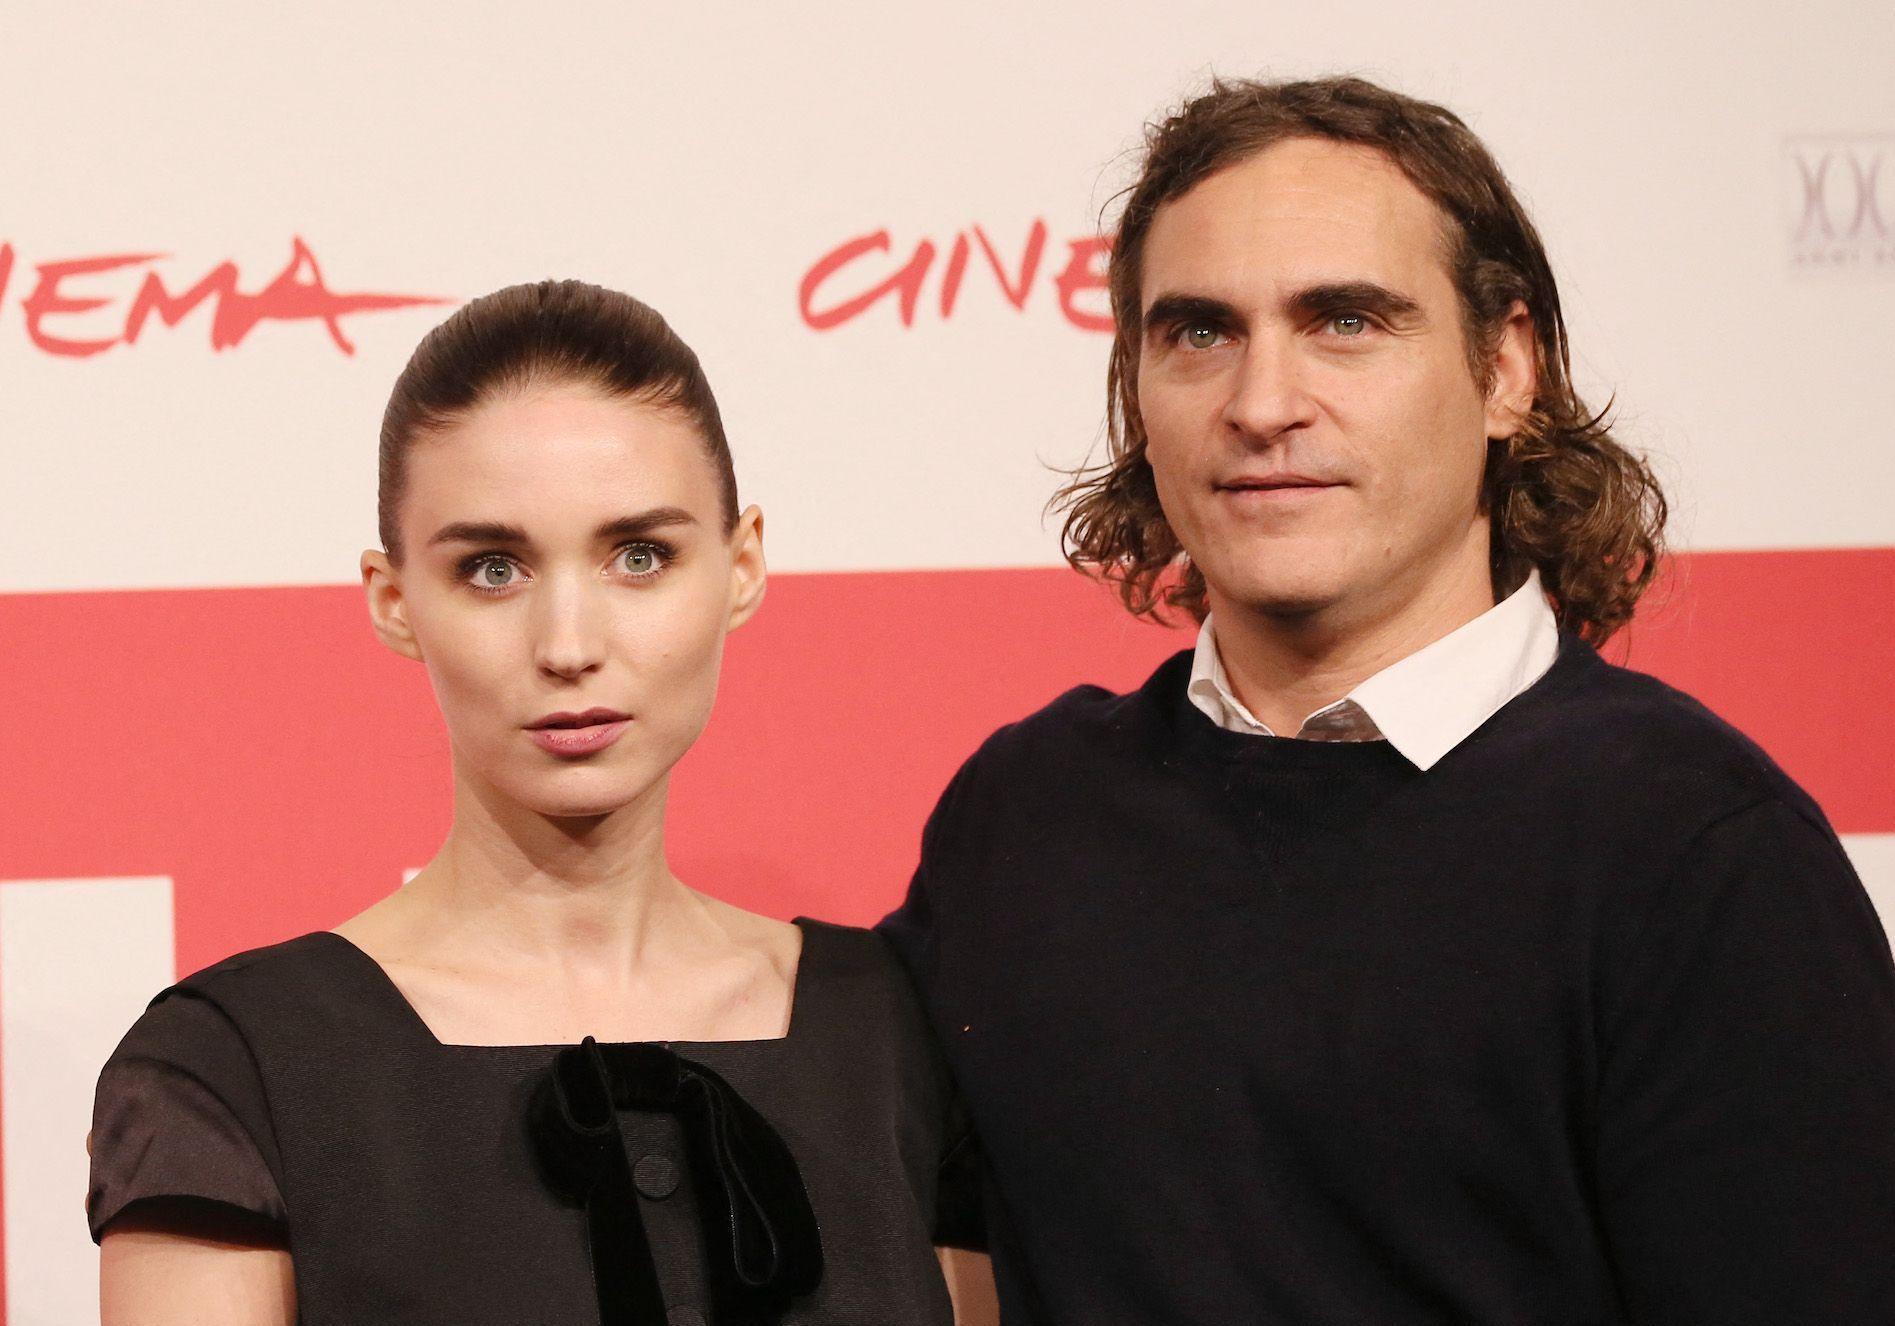 Le couple Joaquin Phoenix et Rooney Mara bientôt réuni sur grand écran - Elle